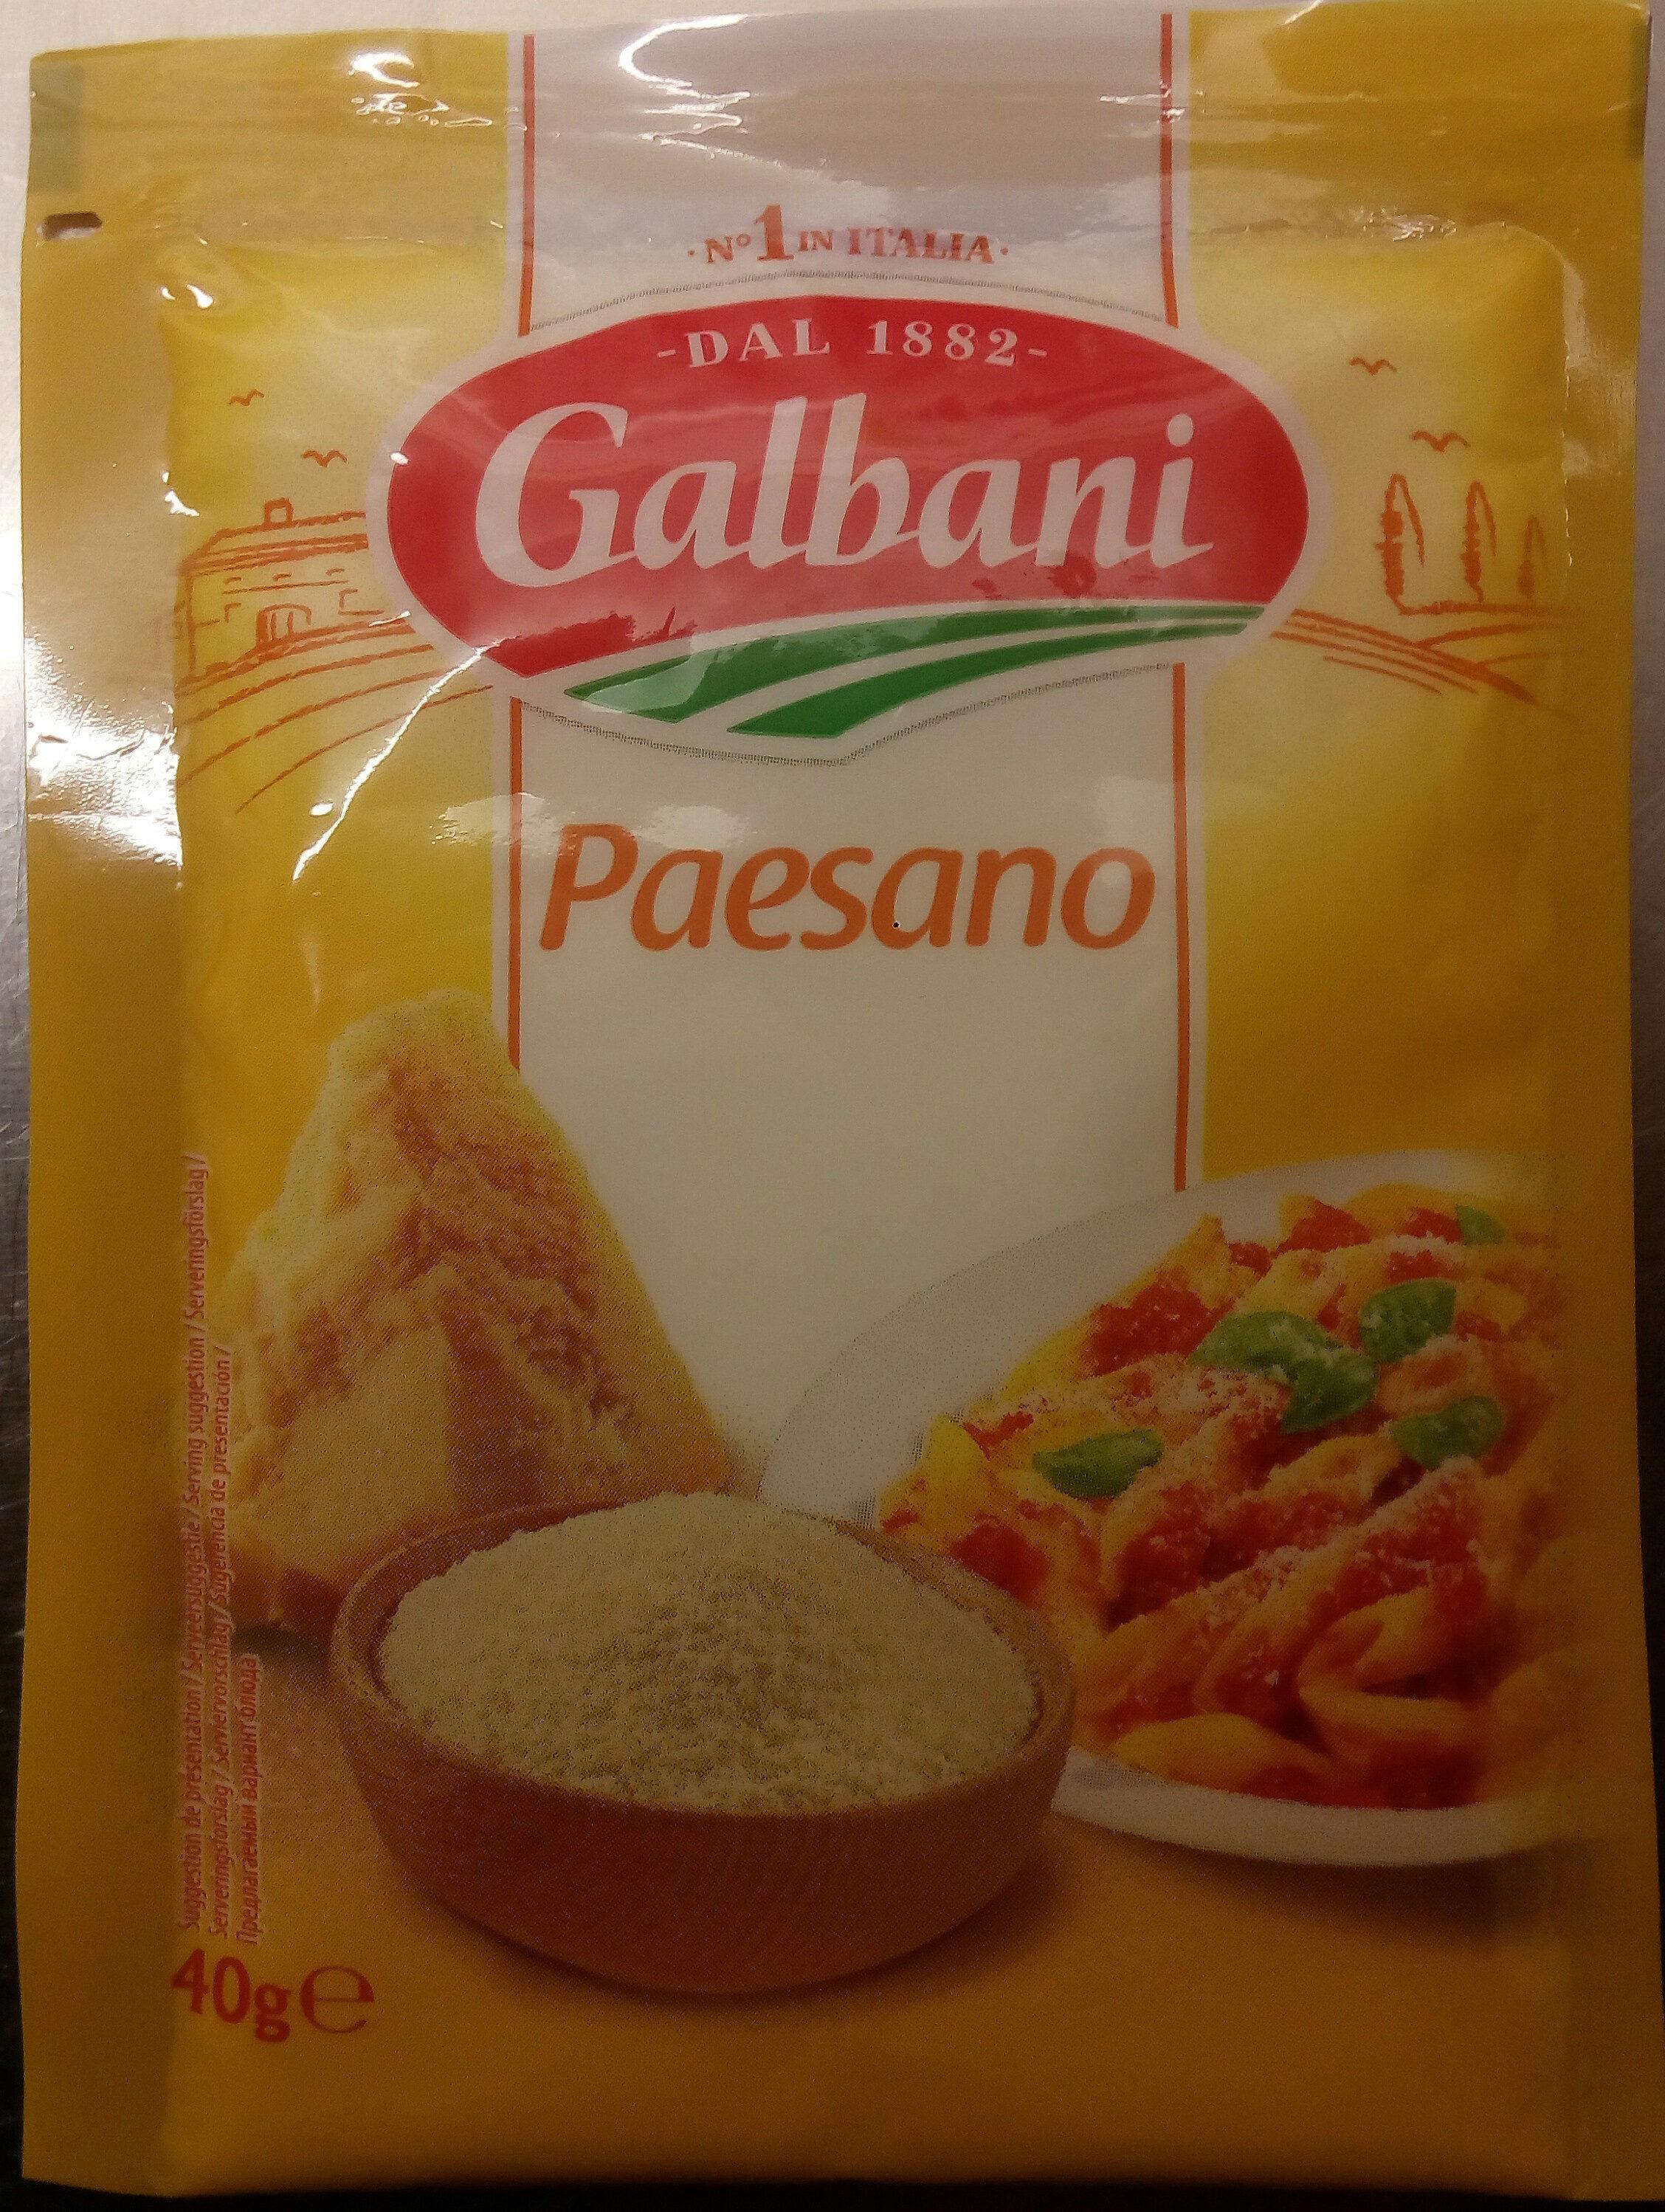 Galbani Paesano - Product